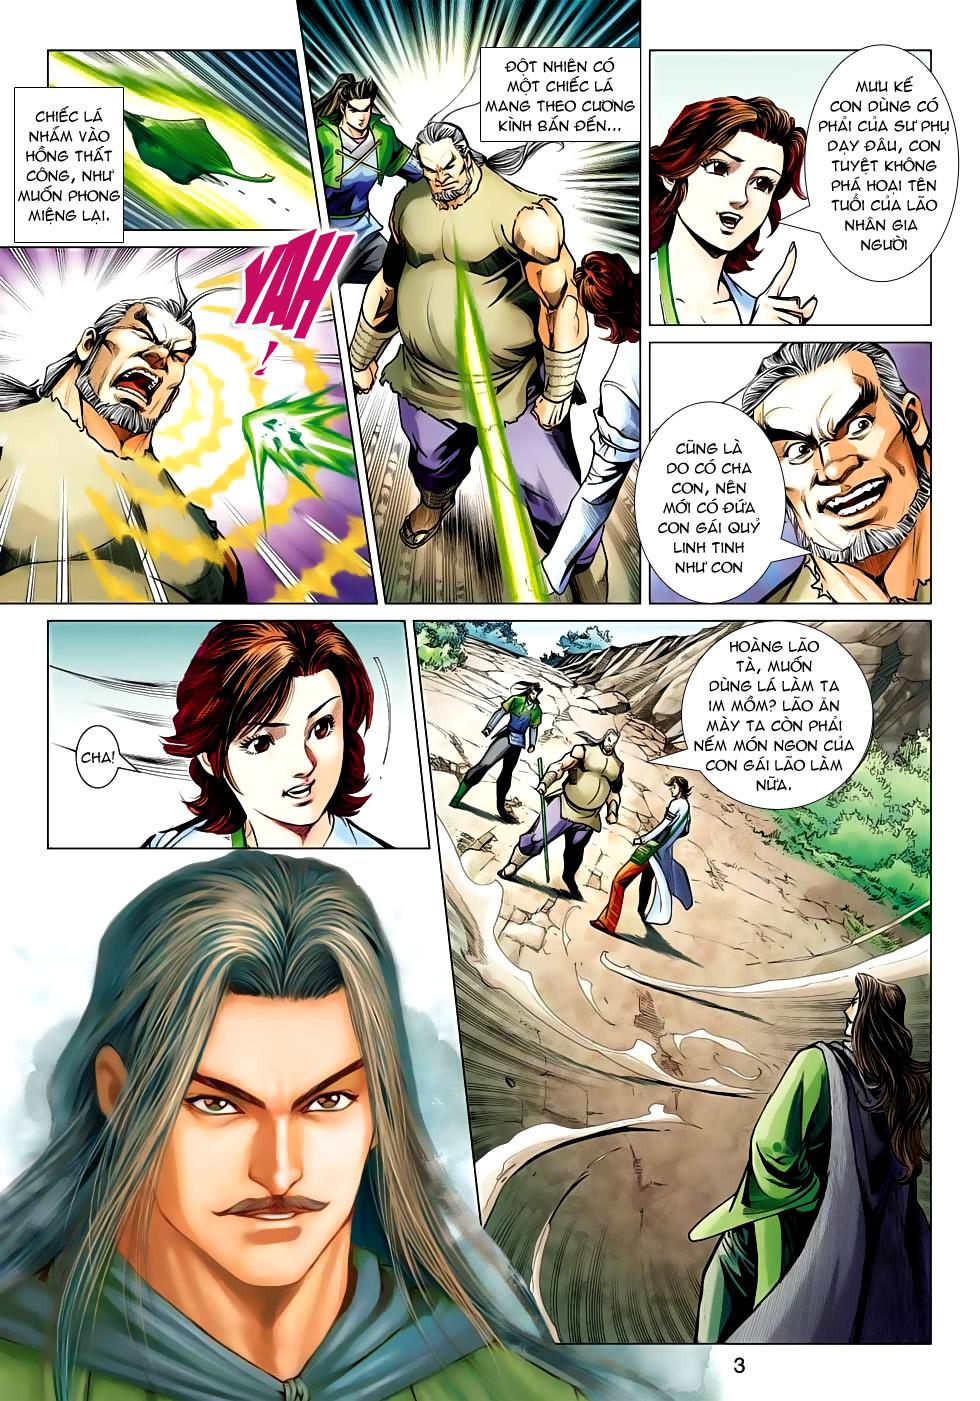 Xạ Điêu Anh Hùng Truyện chap 100 – End Trang 3 - Mangak.info